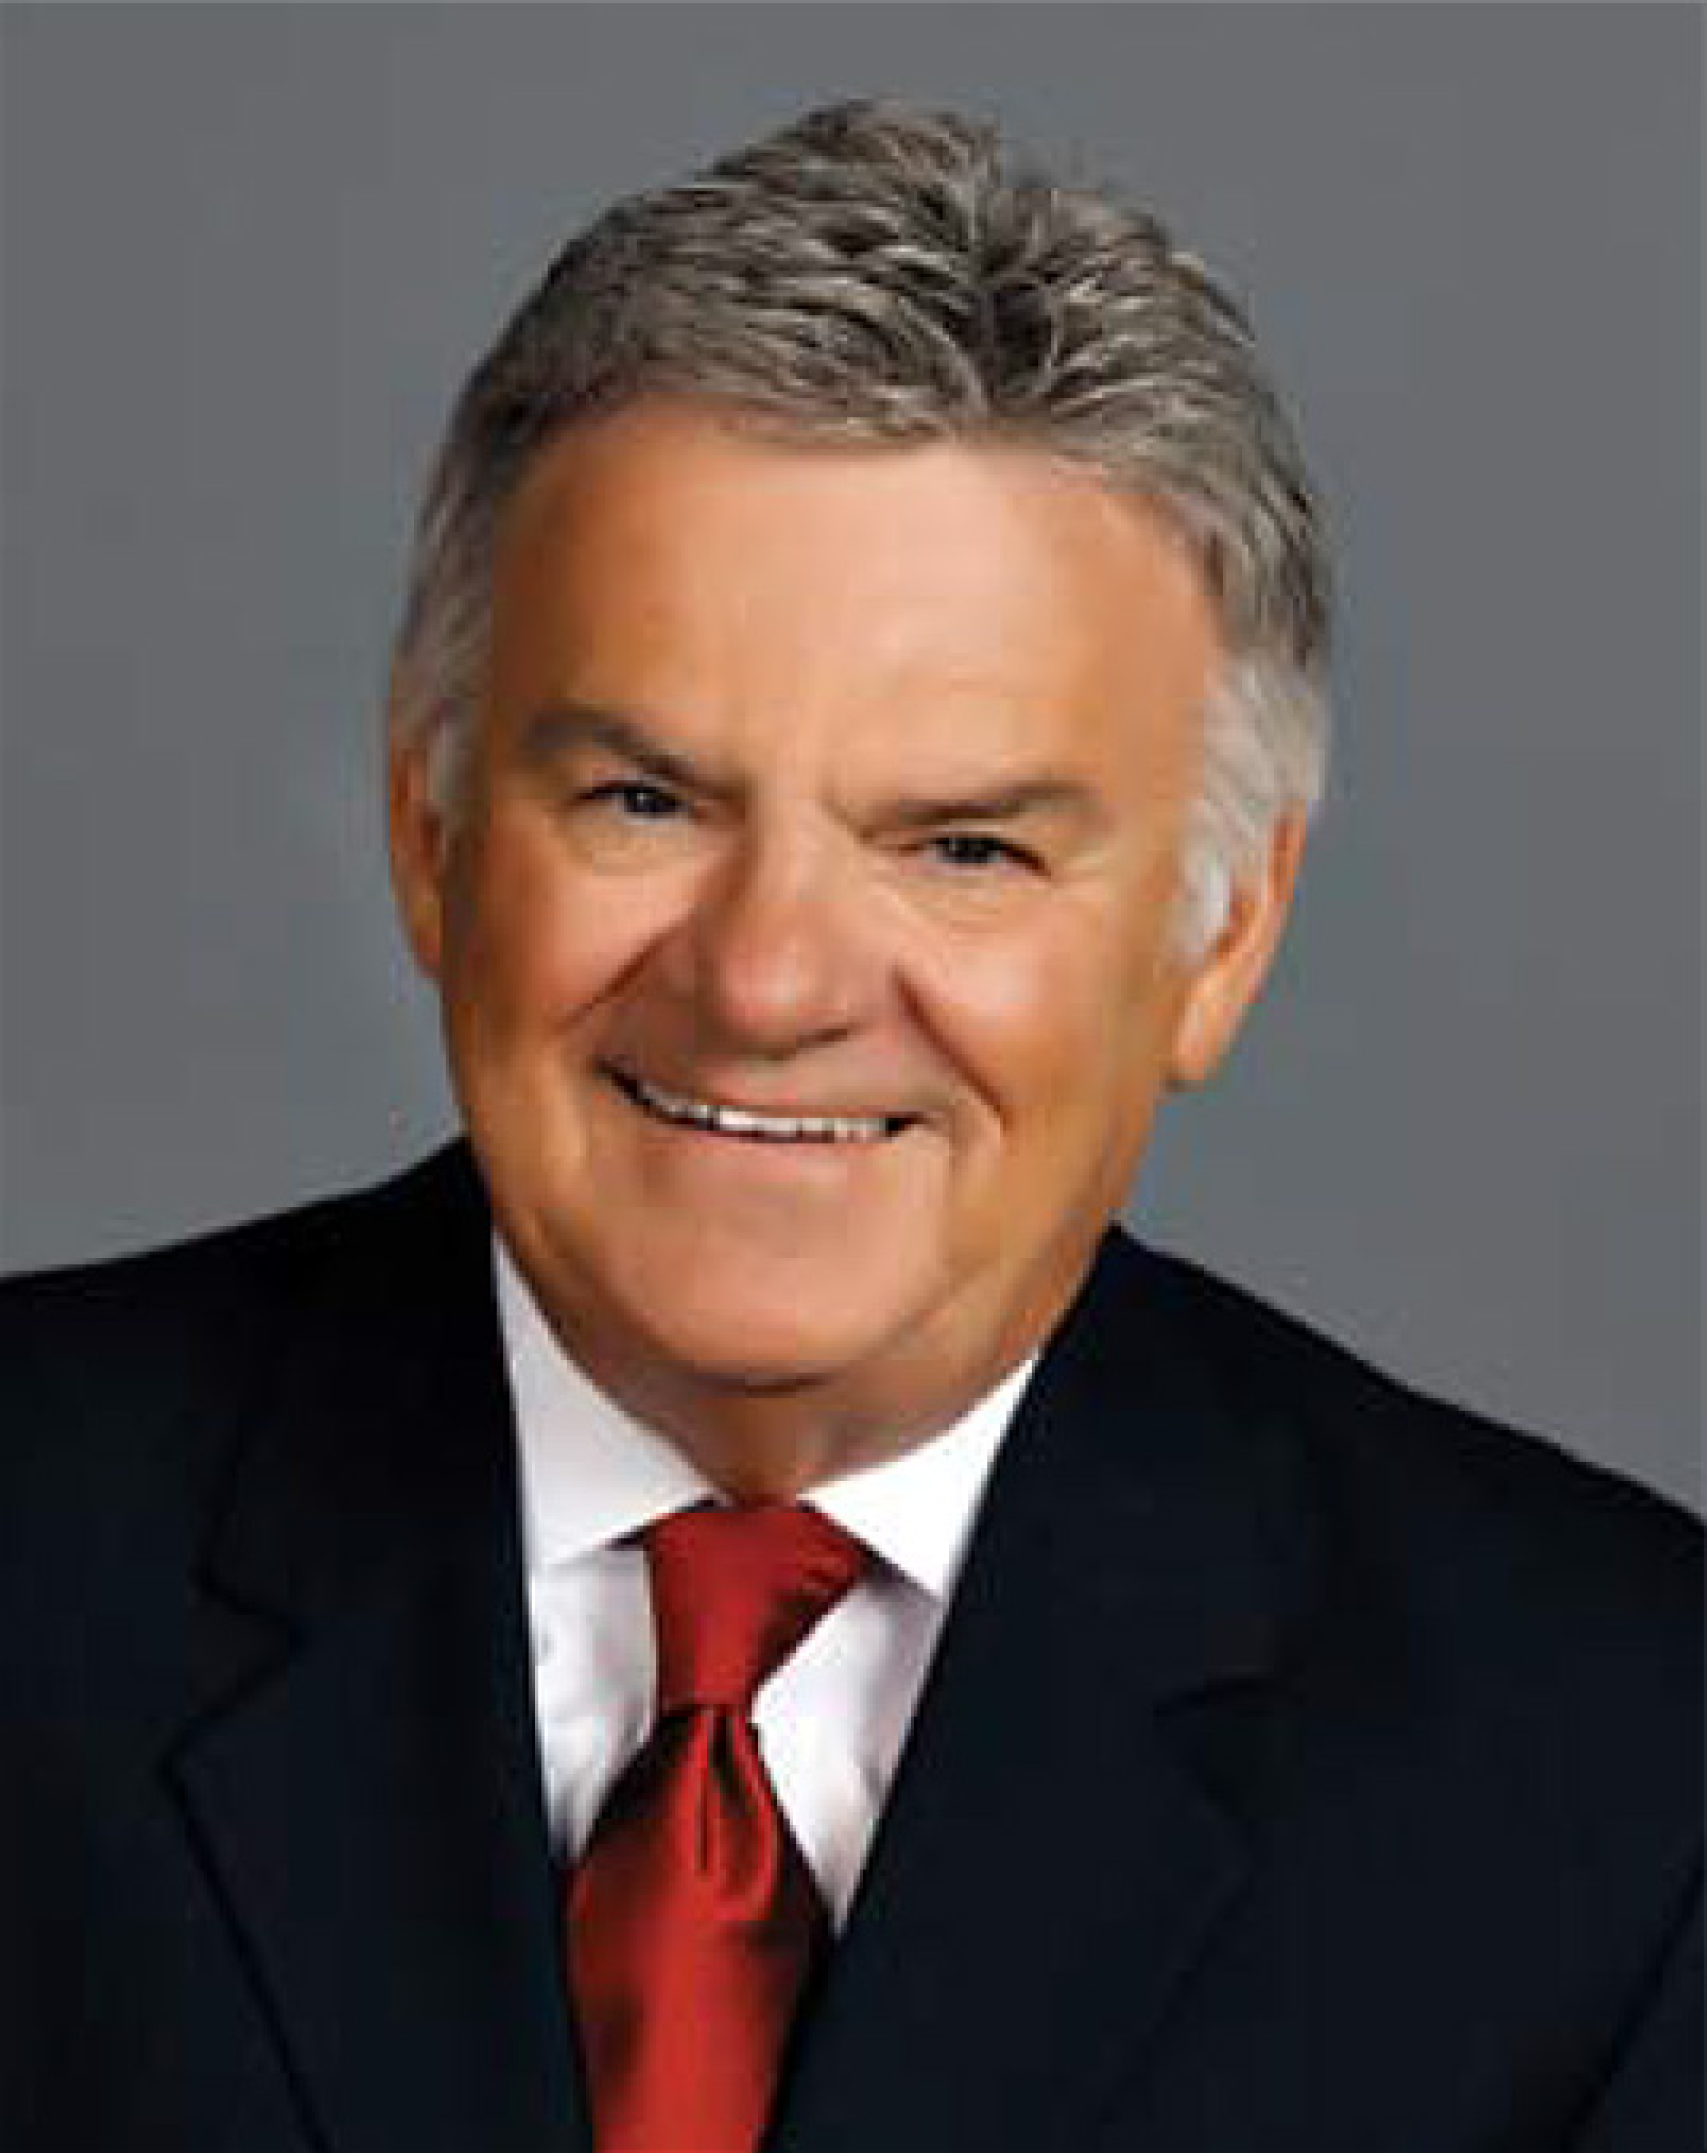 portrait of don